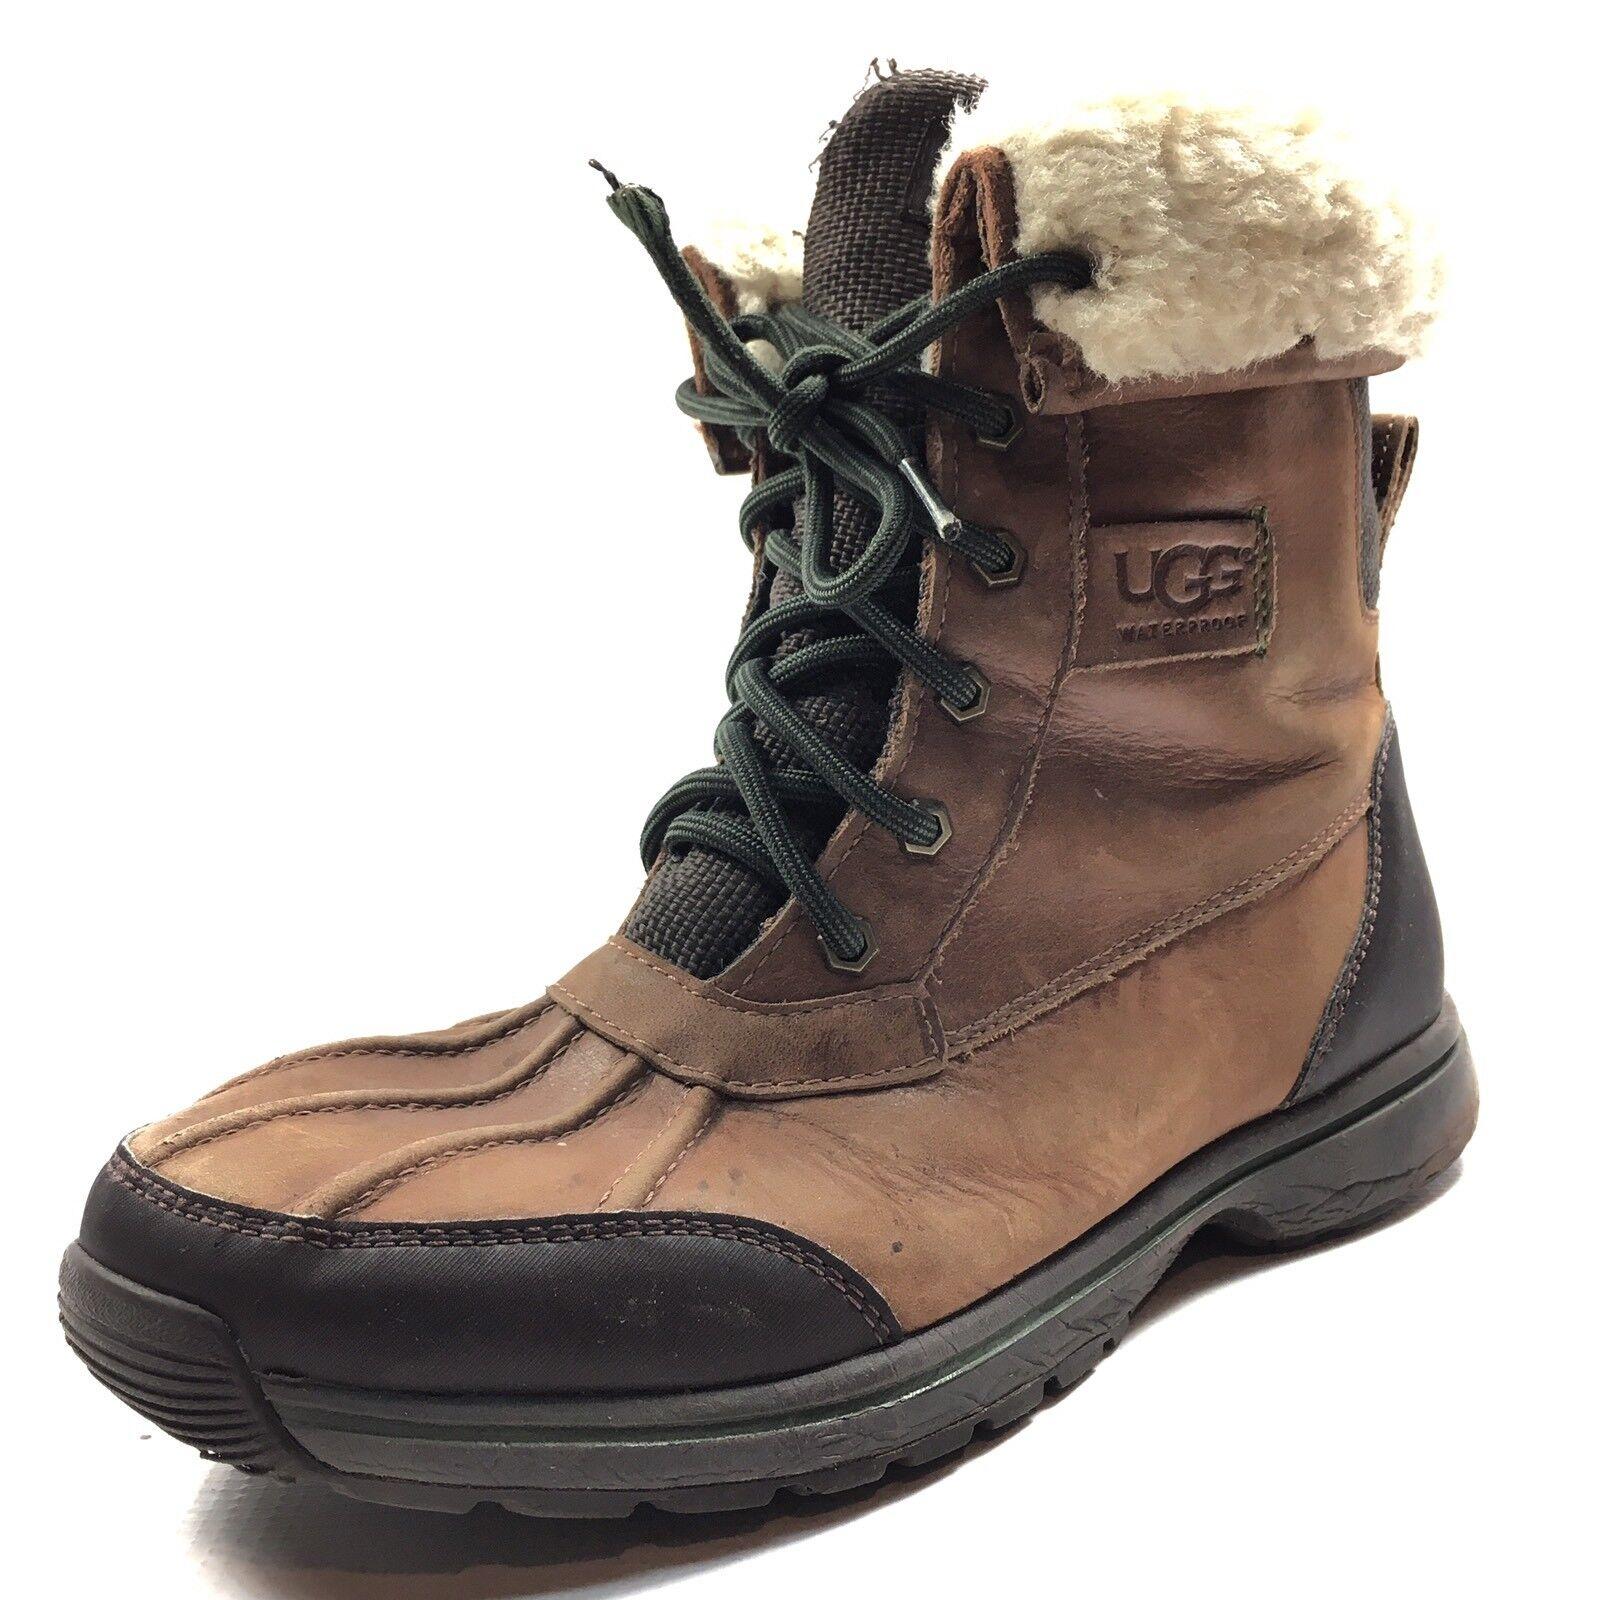 UGG Australia RUDYARD Botas para la nieve de cuero de color castaño a prueba de agua Tamaño 8 M *